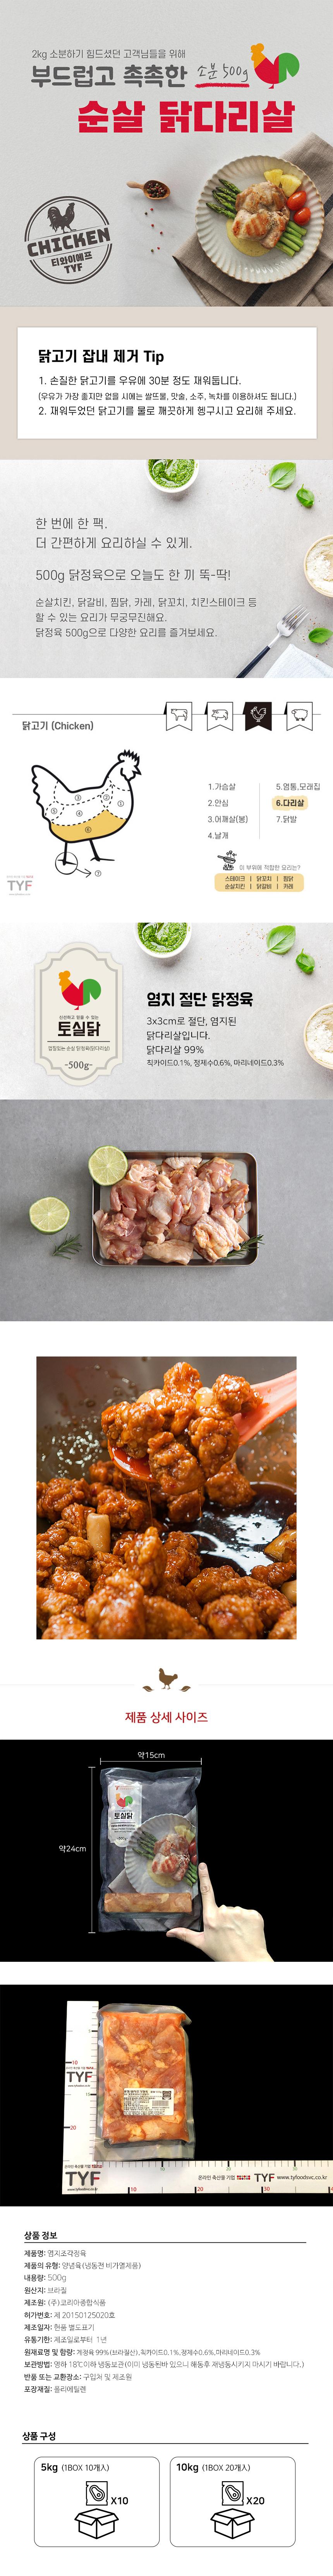 chickenleg500g_yeomji.jpg